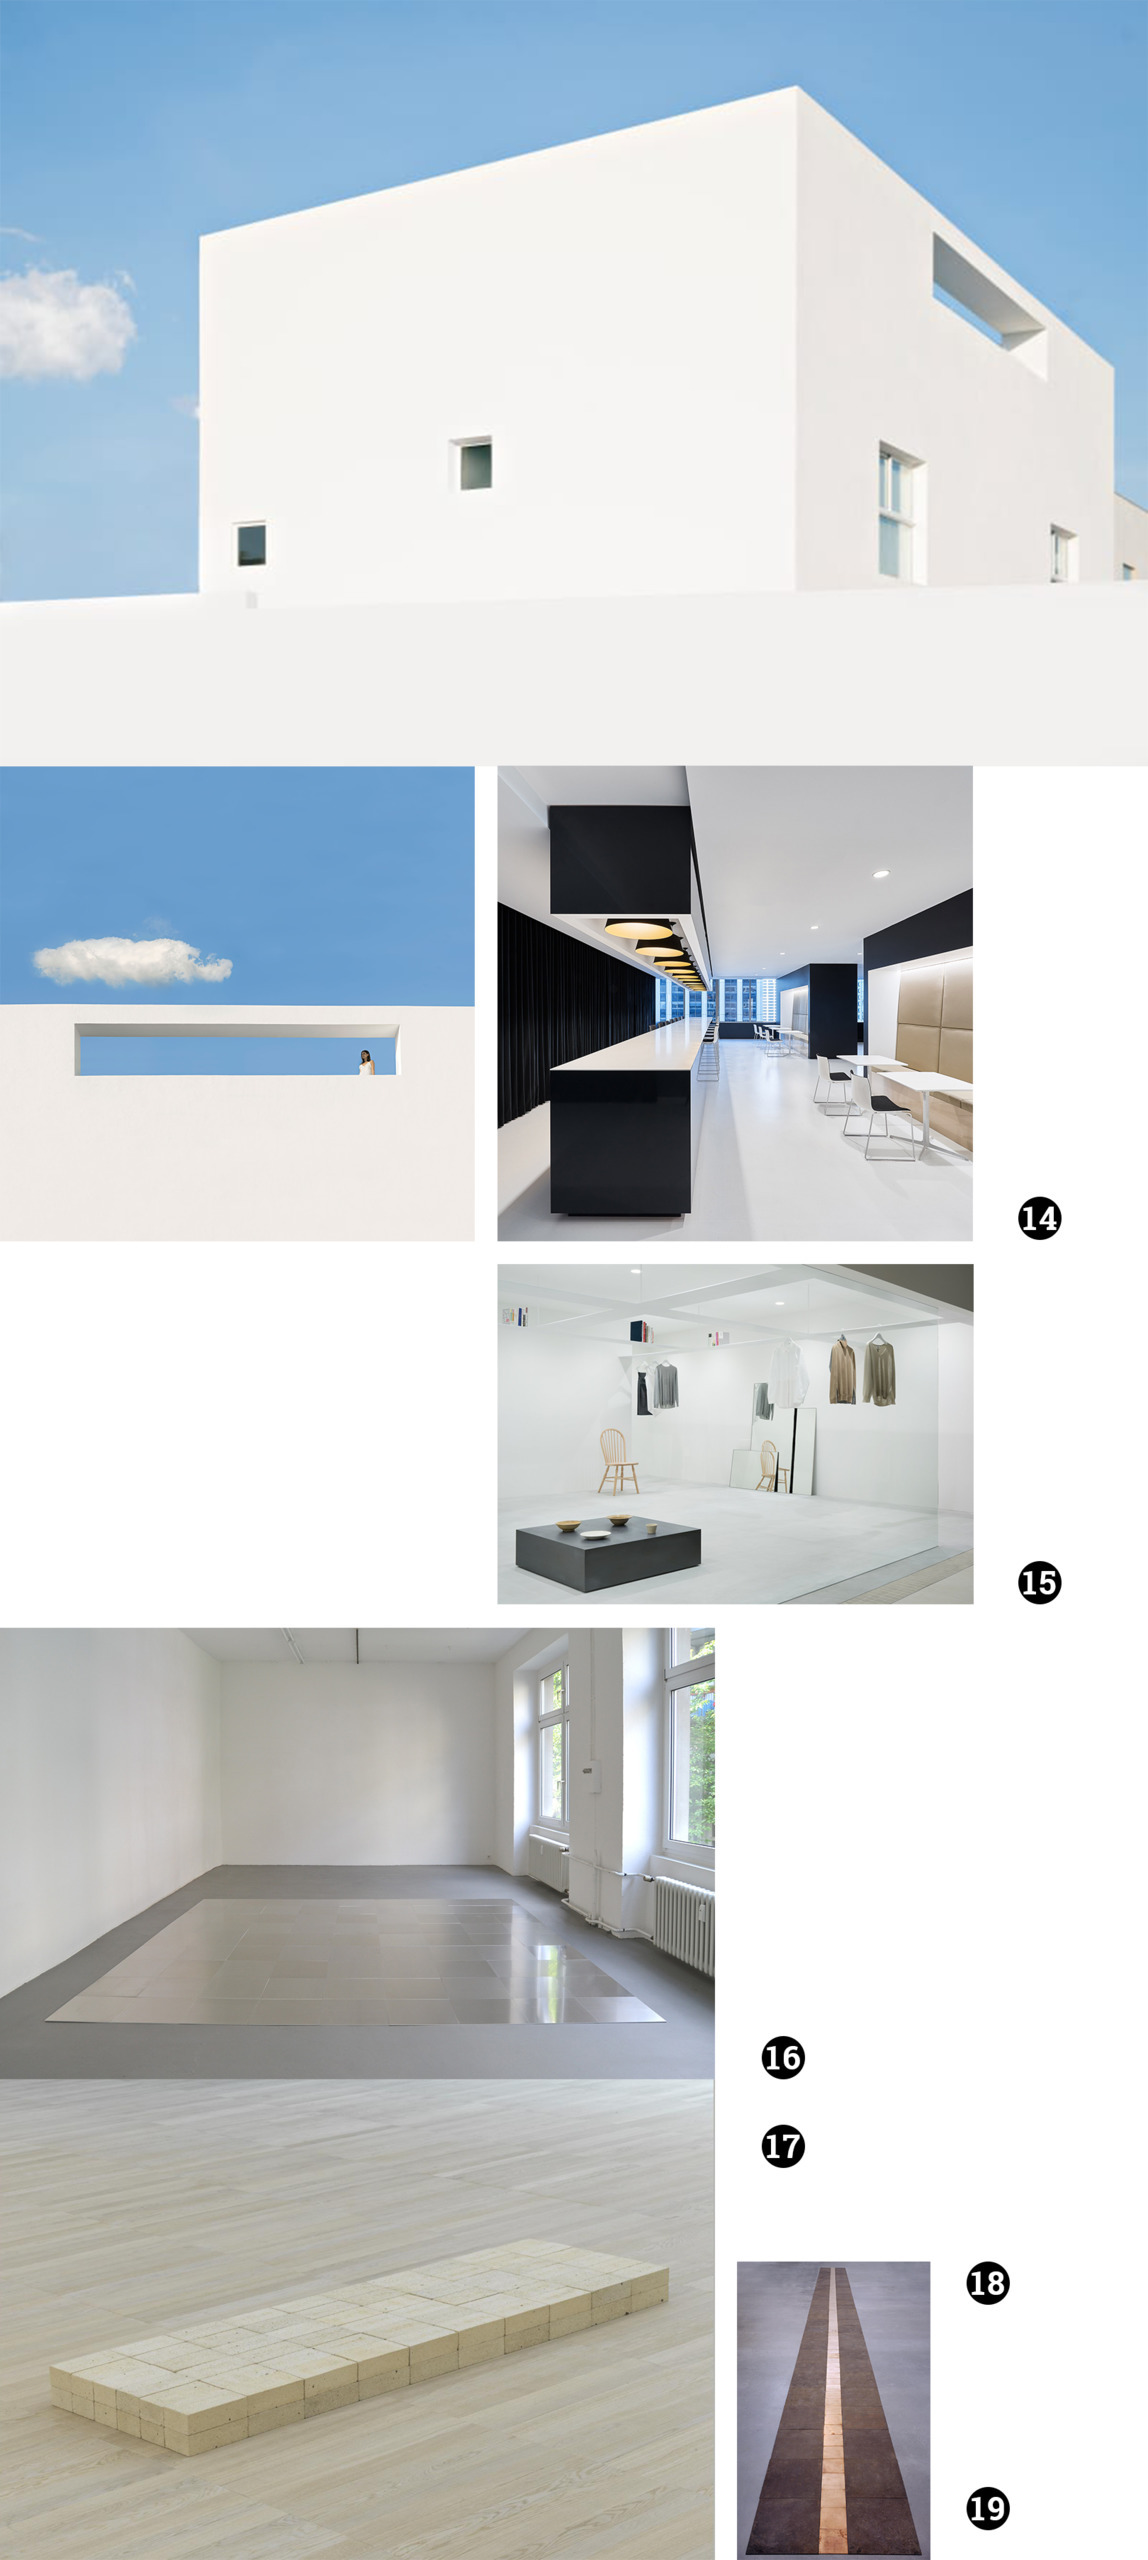 Obraz przedstawia różne zdjęcia na białym tle. Widzimy fotografię białego budynku na tle nieba, wnętrza różnych pomieszczeń.